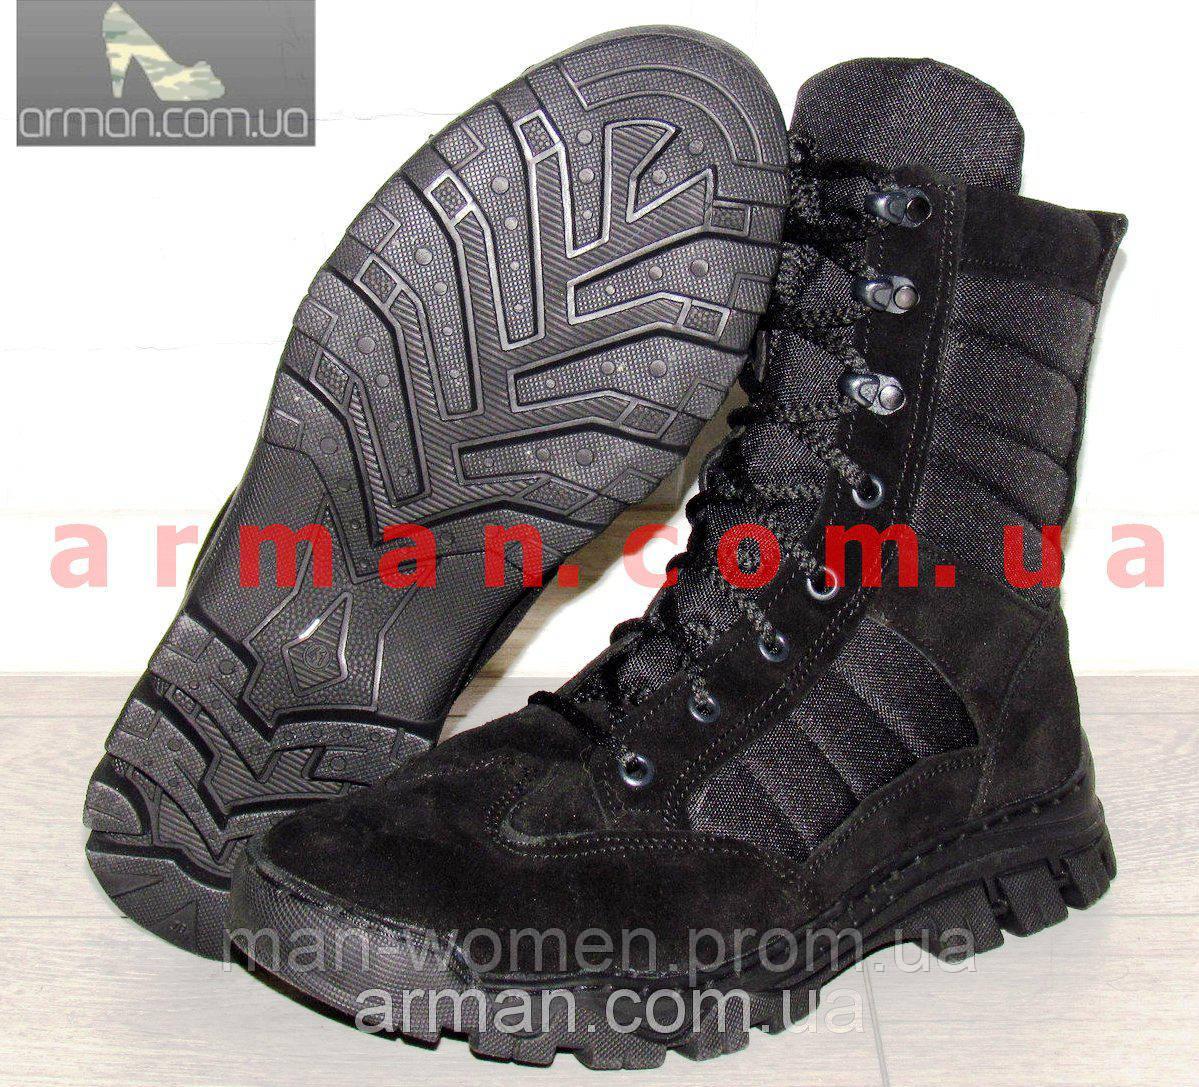 Армейские ботинки, берцы, универсальный вариант. Качество! Размеры 40-45.